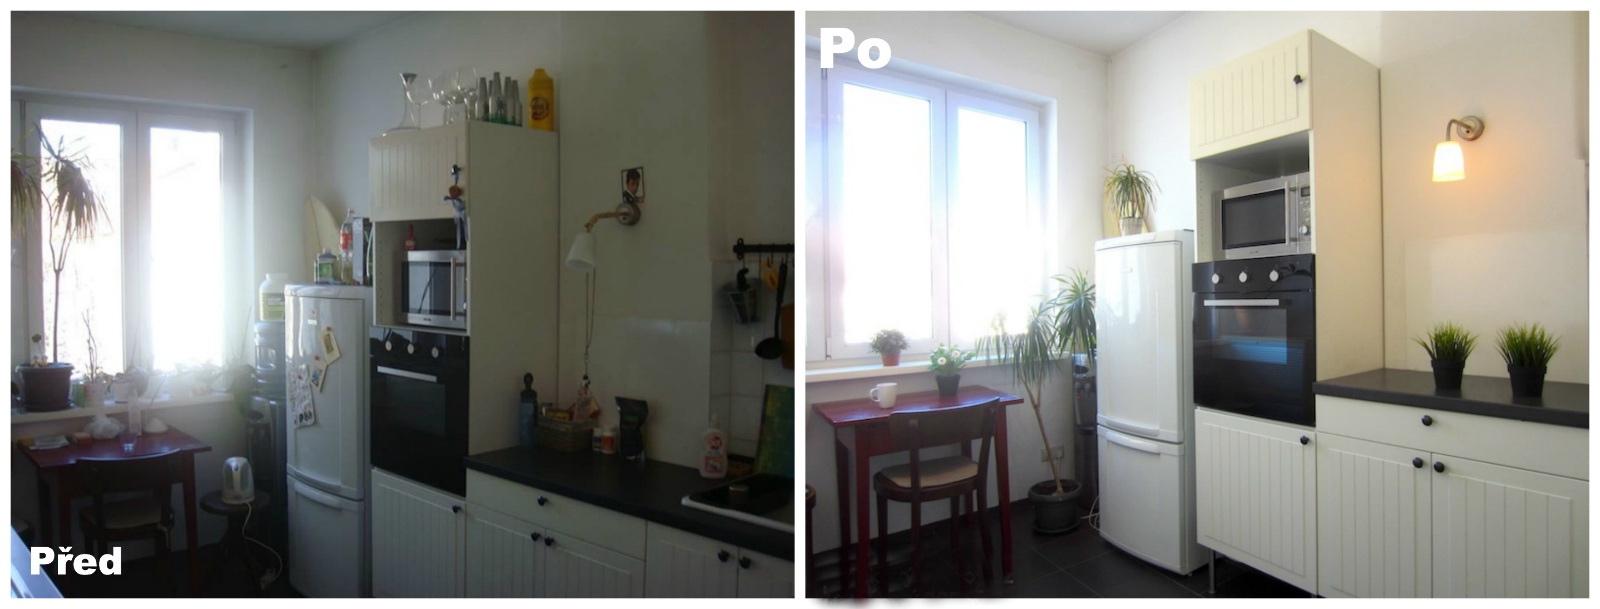 lucemburska-kitchen-collage1